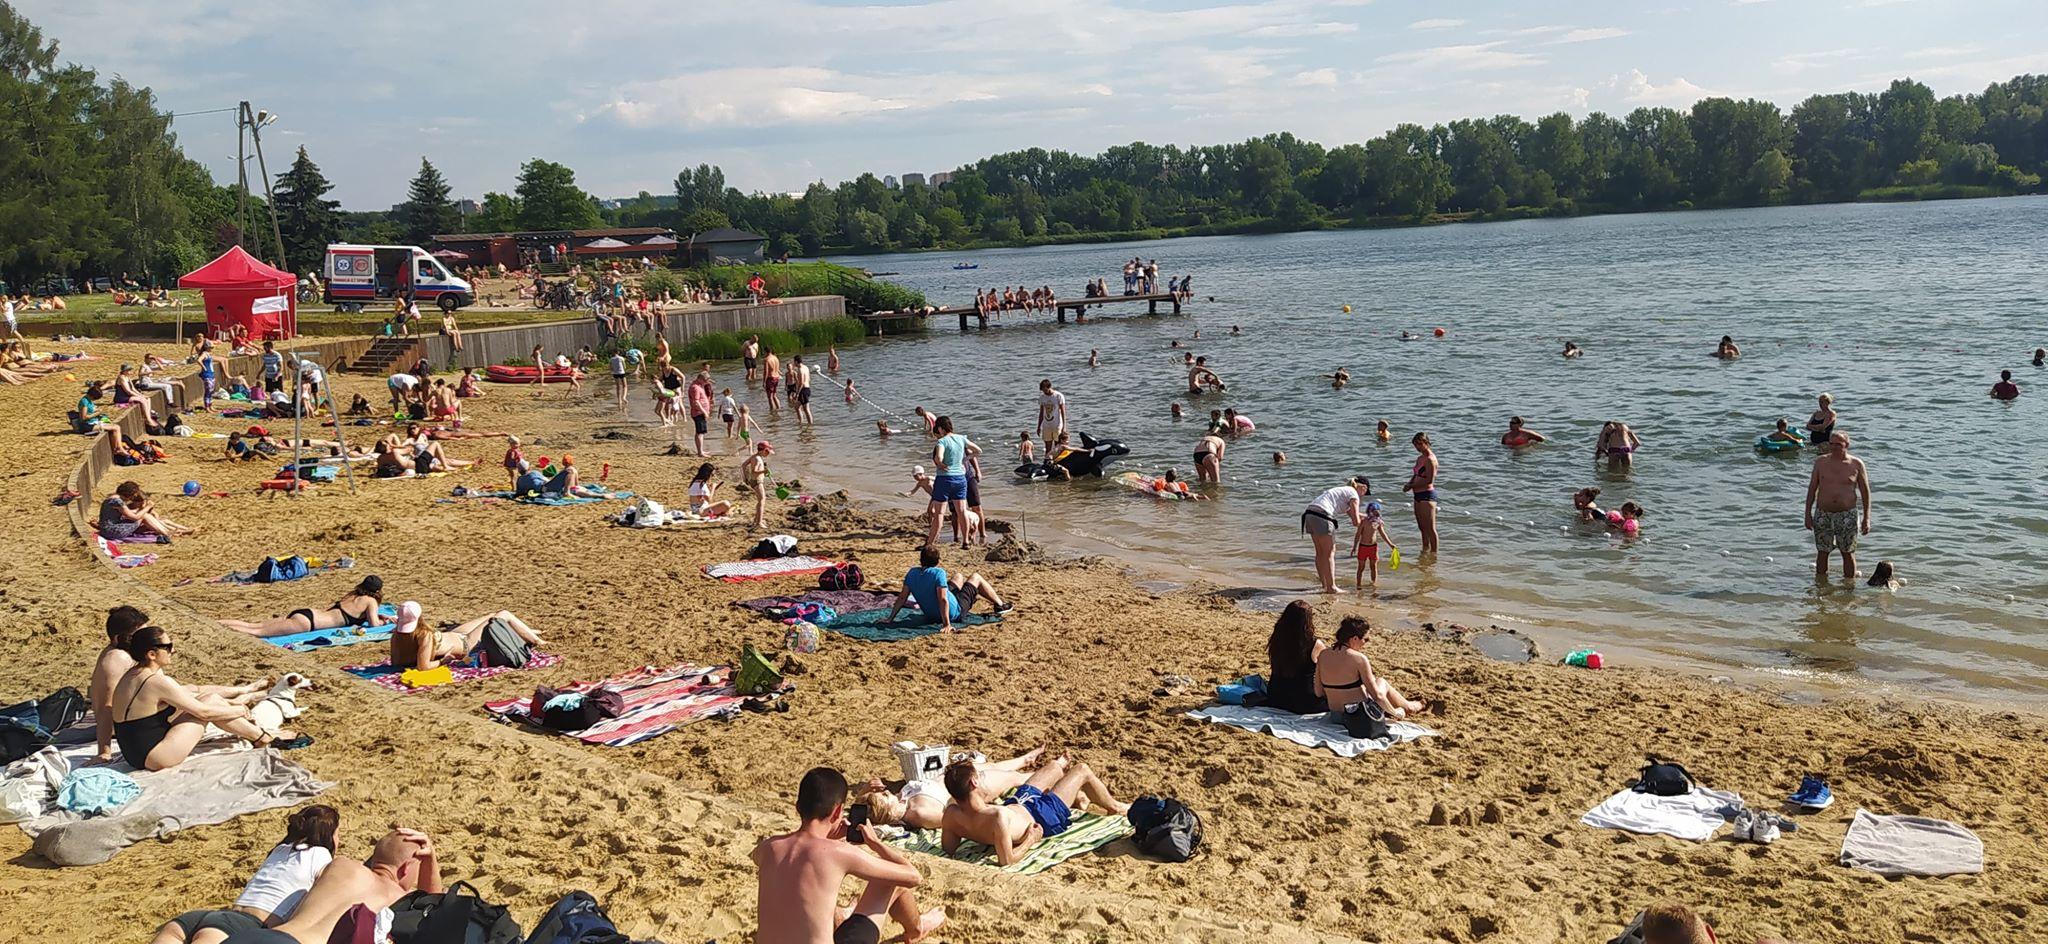 Plaża Bagry oficjalnie otwarta! Krakowianie chętnie spędzają czas nad wodą [zdjęcia]